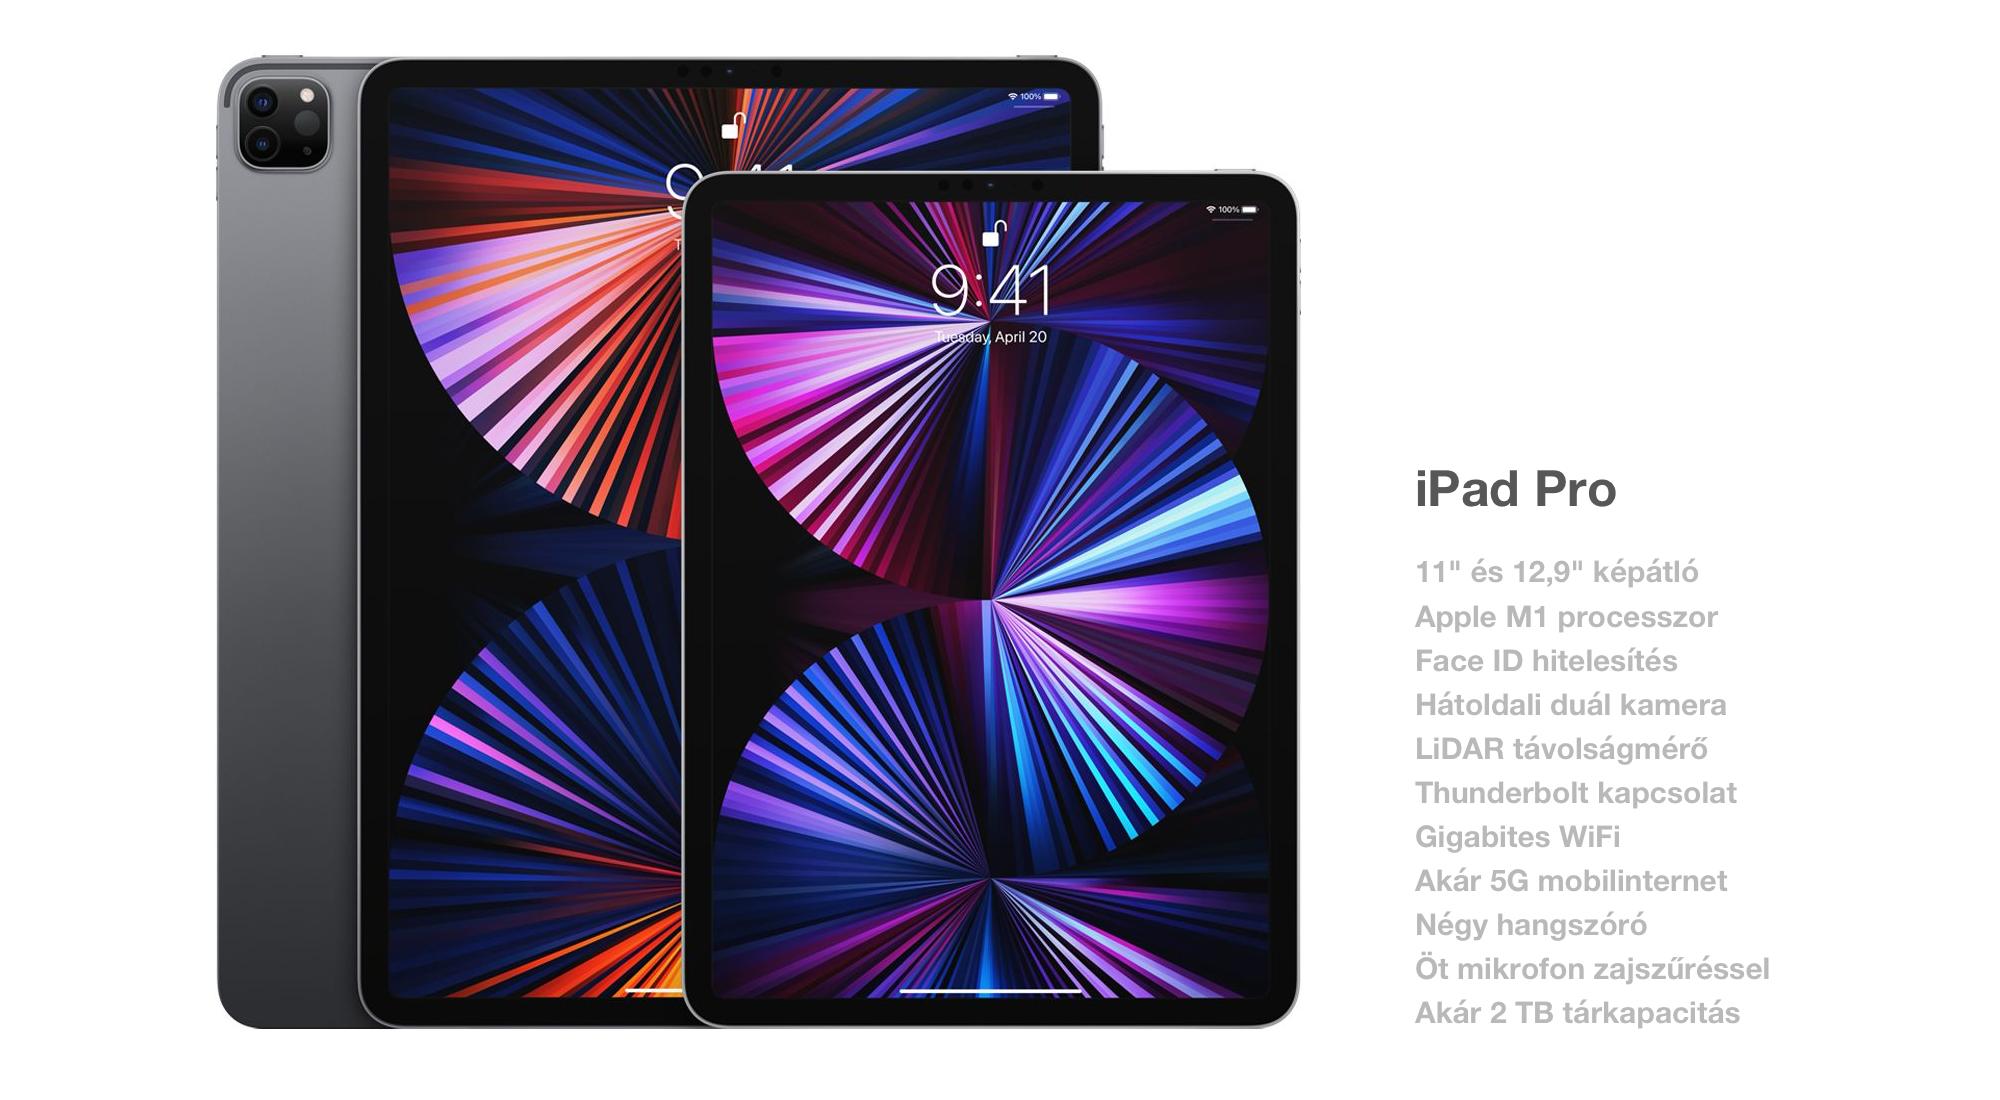 iPad Pro - Egy számítógép tudásával